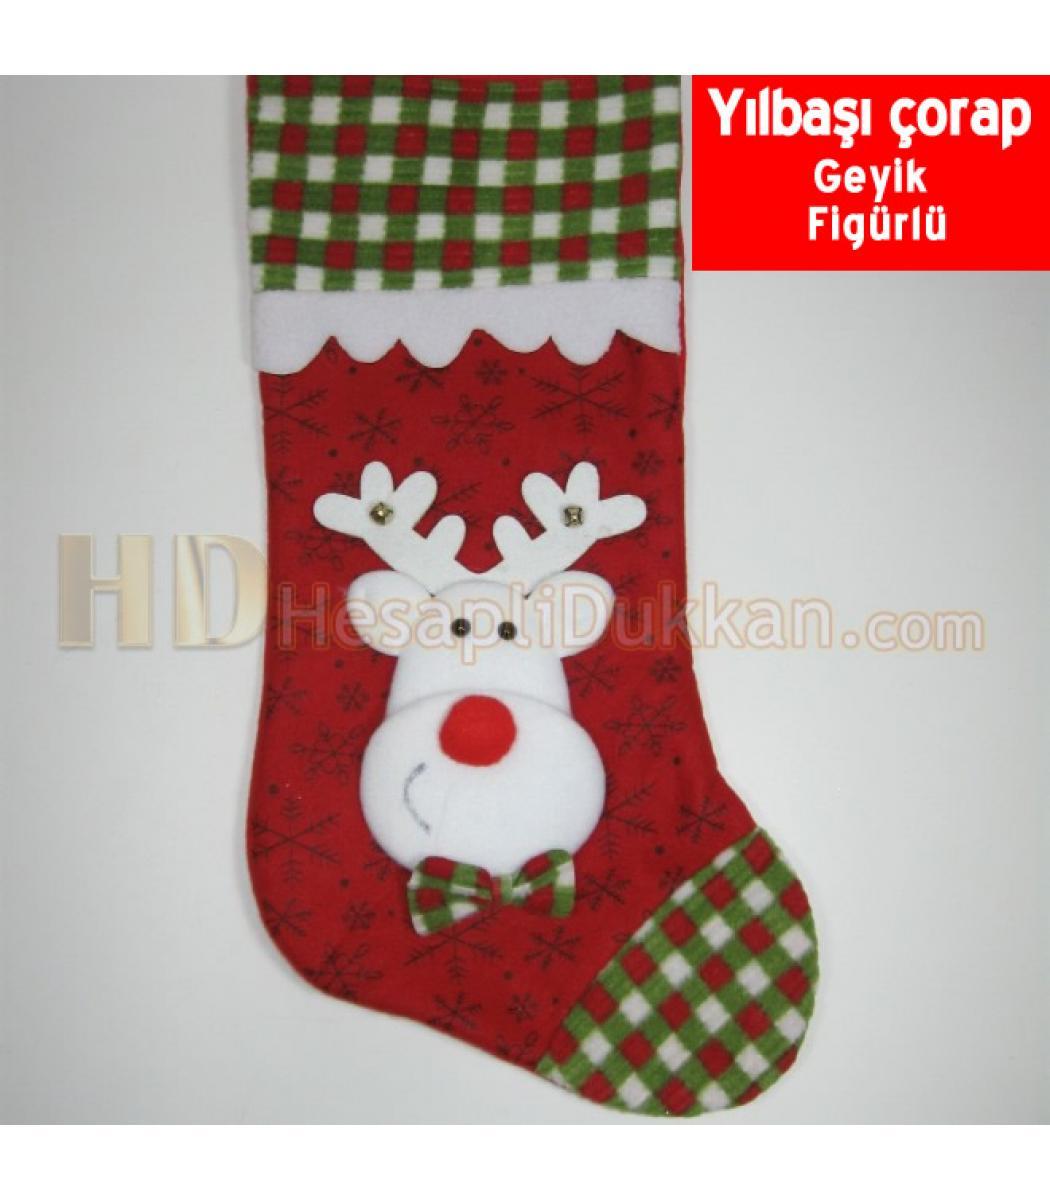 Yılbaşı çorapları Noel Baba çorap Yılbaşı çorabı